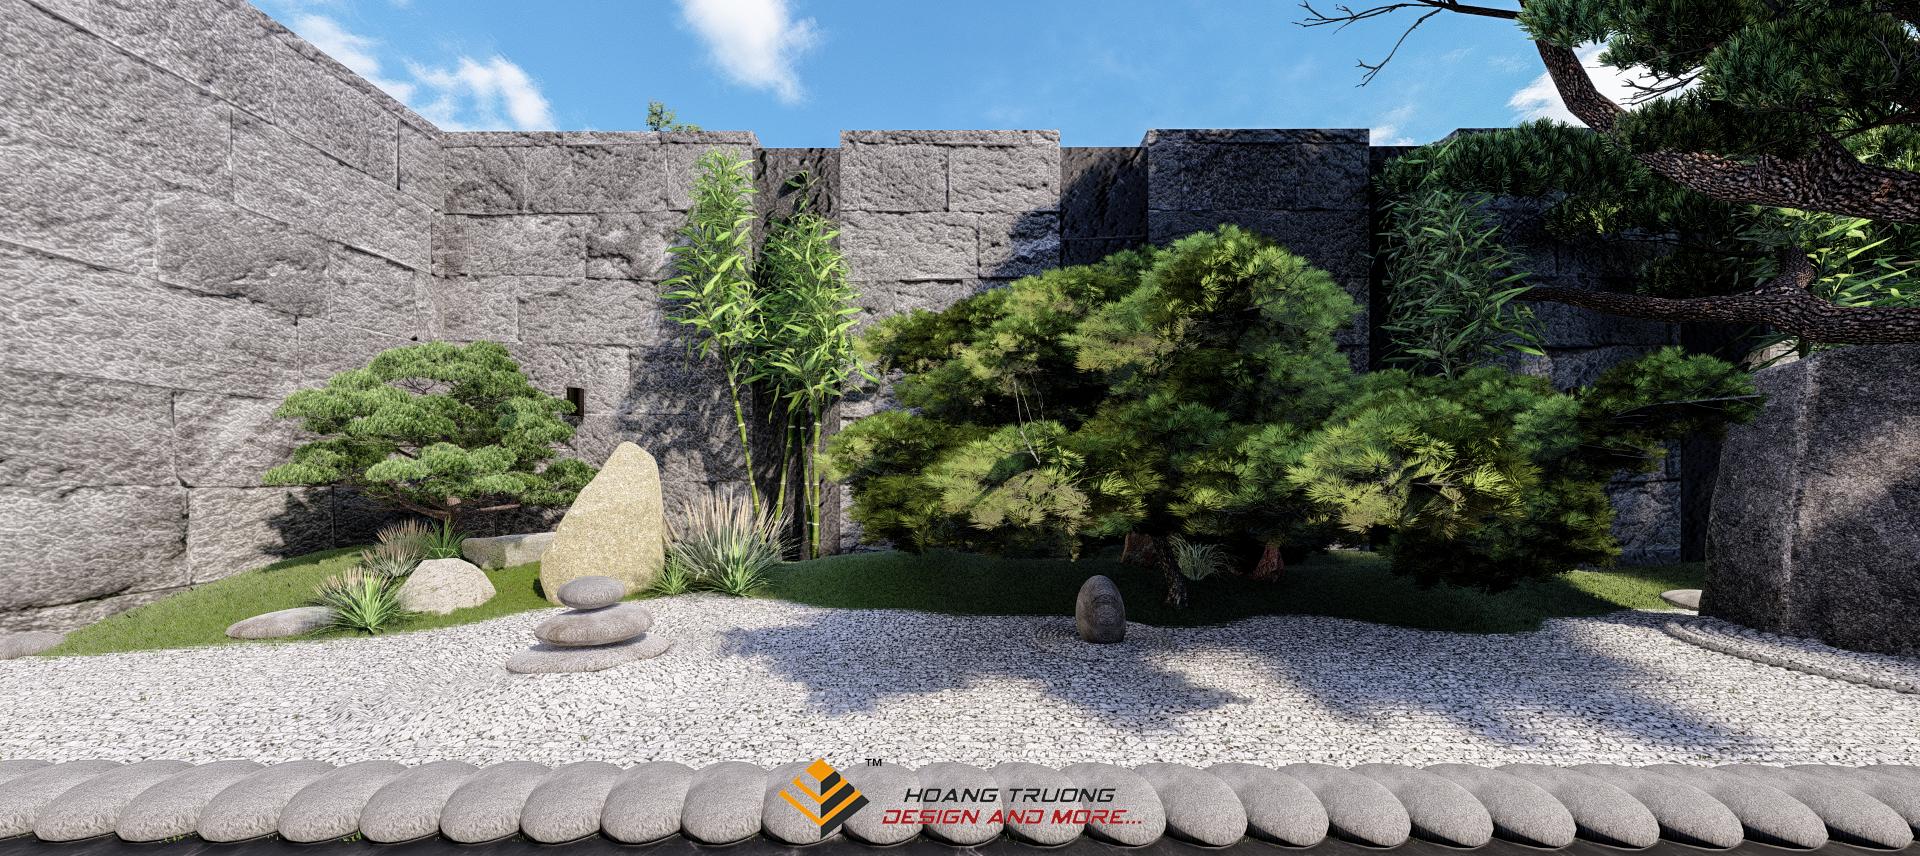 Thiết kế nội thất Biệt Thự tại Lâm Đồng Biệt thự Đà Lạt 1574782298 9